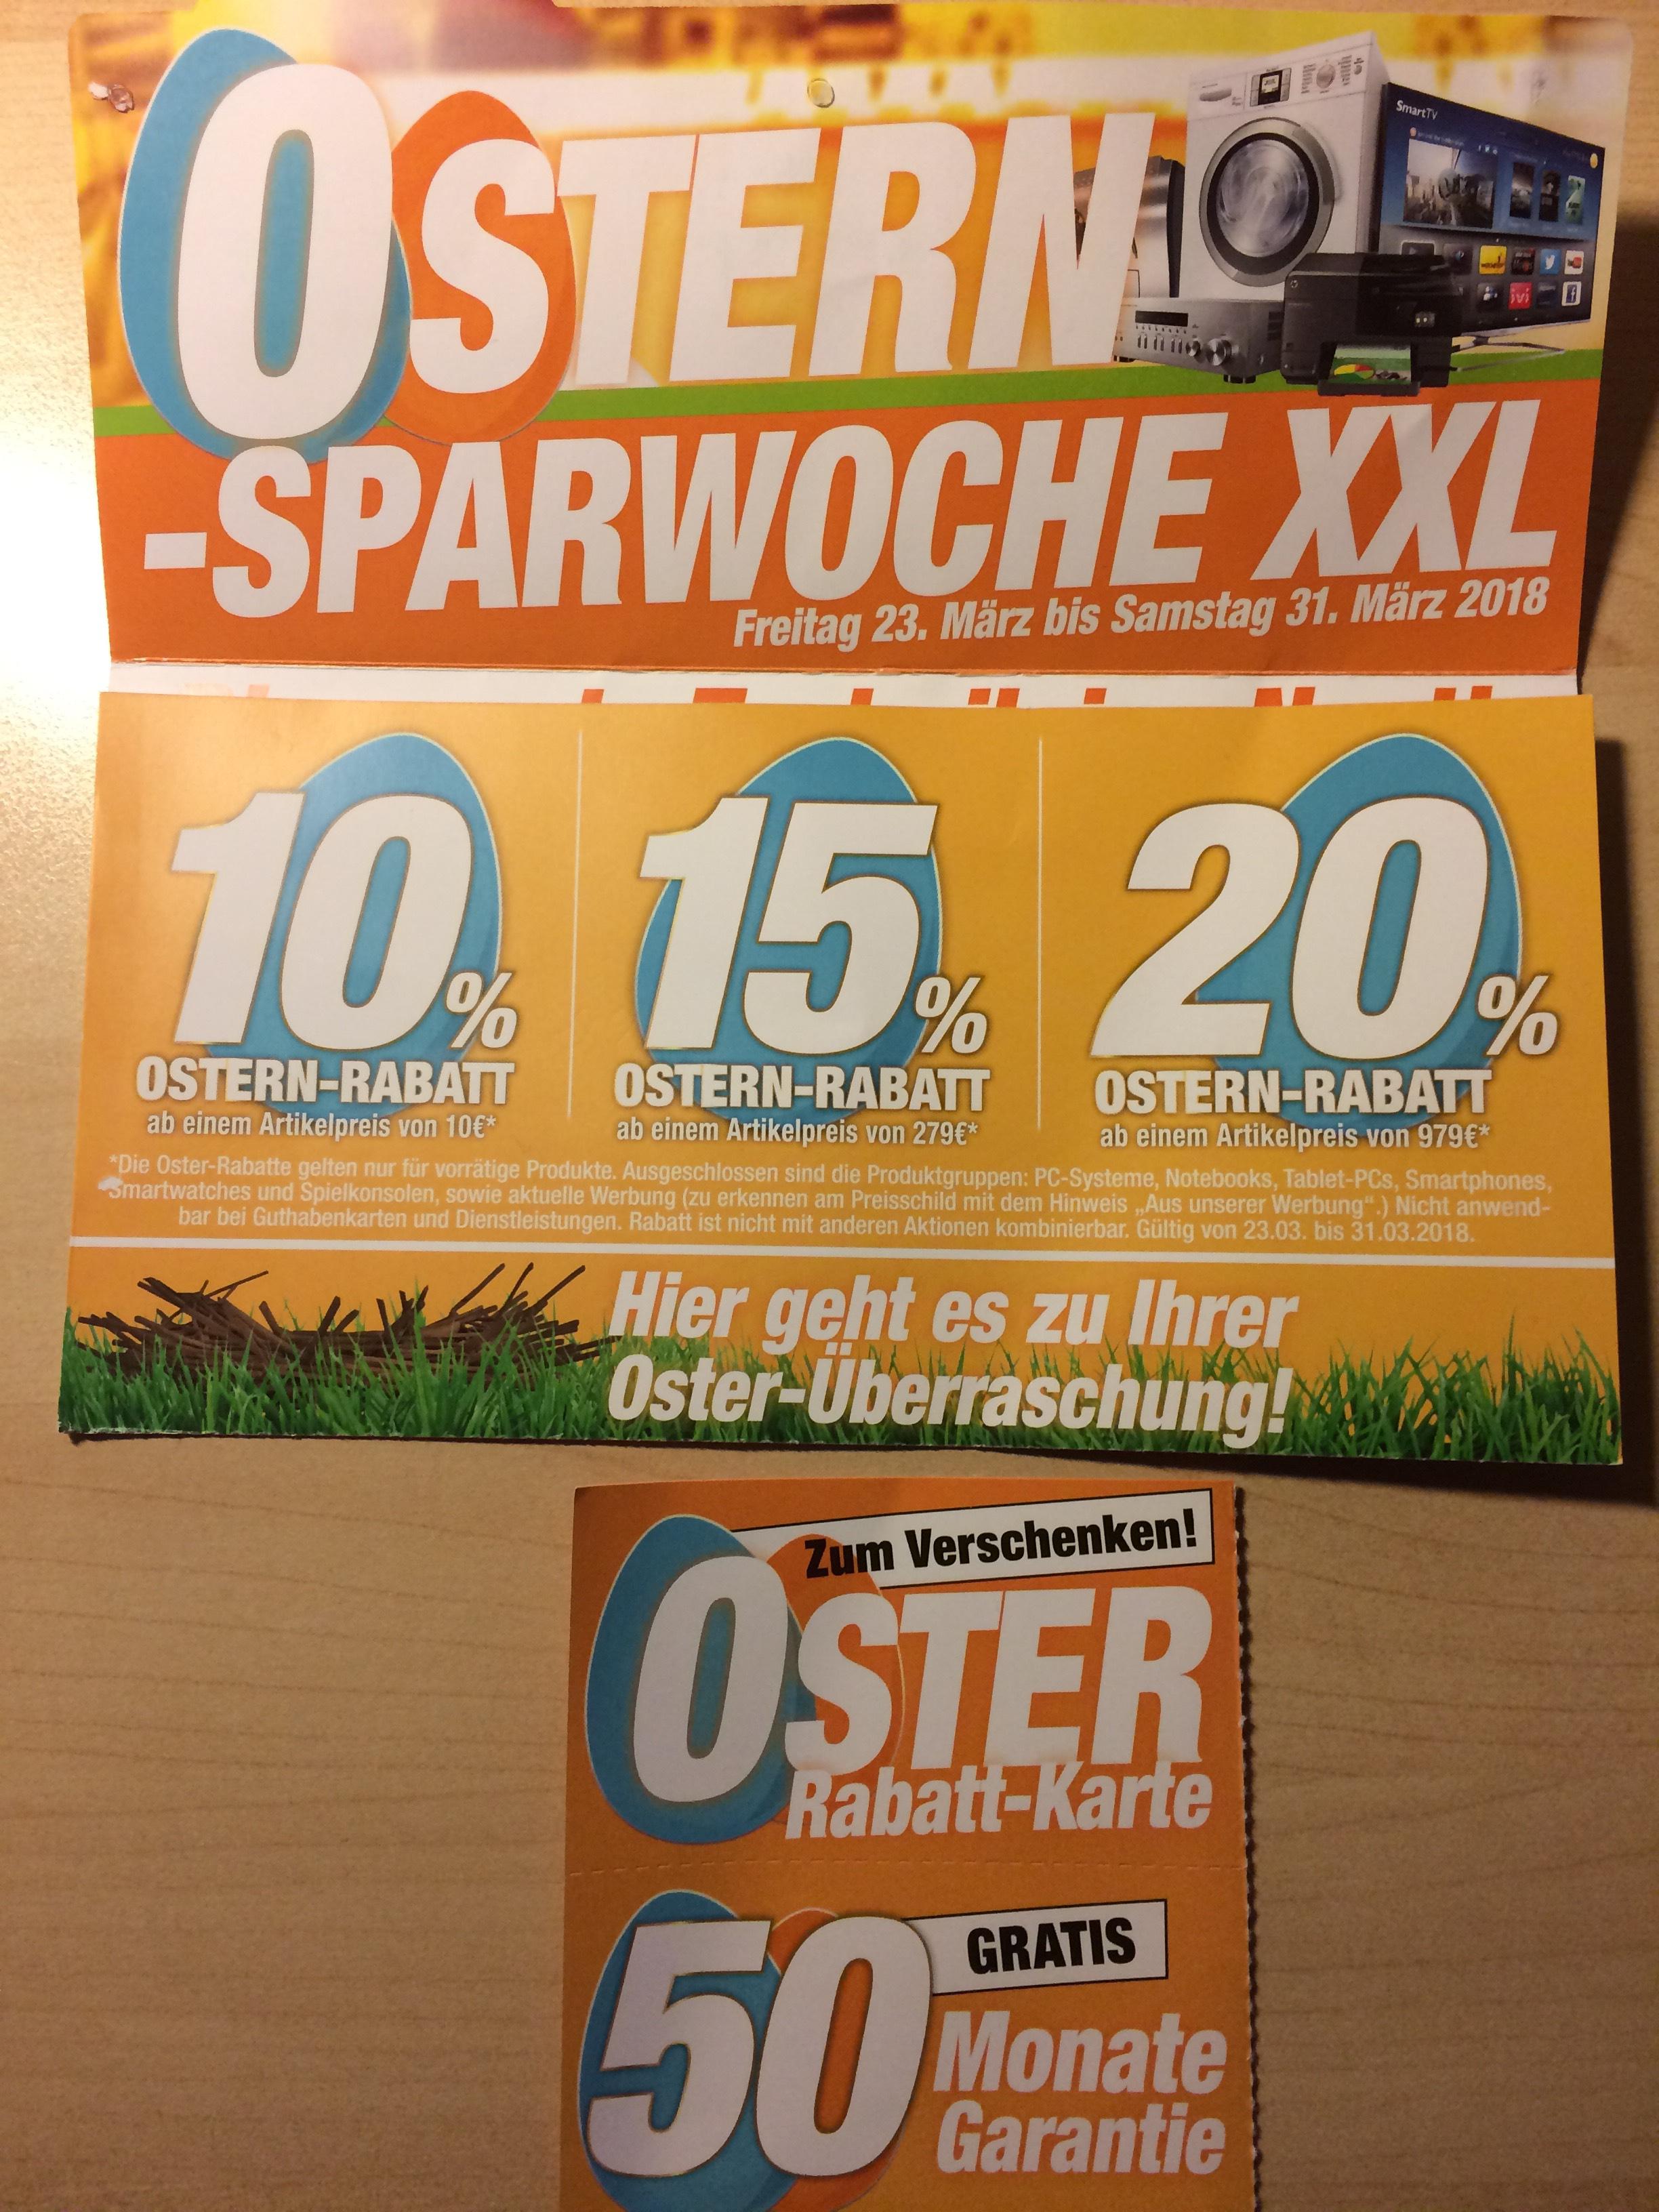 Expert Osterdeals - bis 20 % Rabatt + 50 Monate Garantie geschenkt